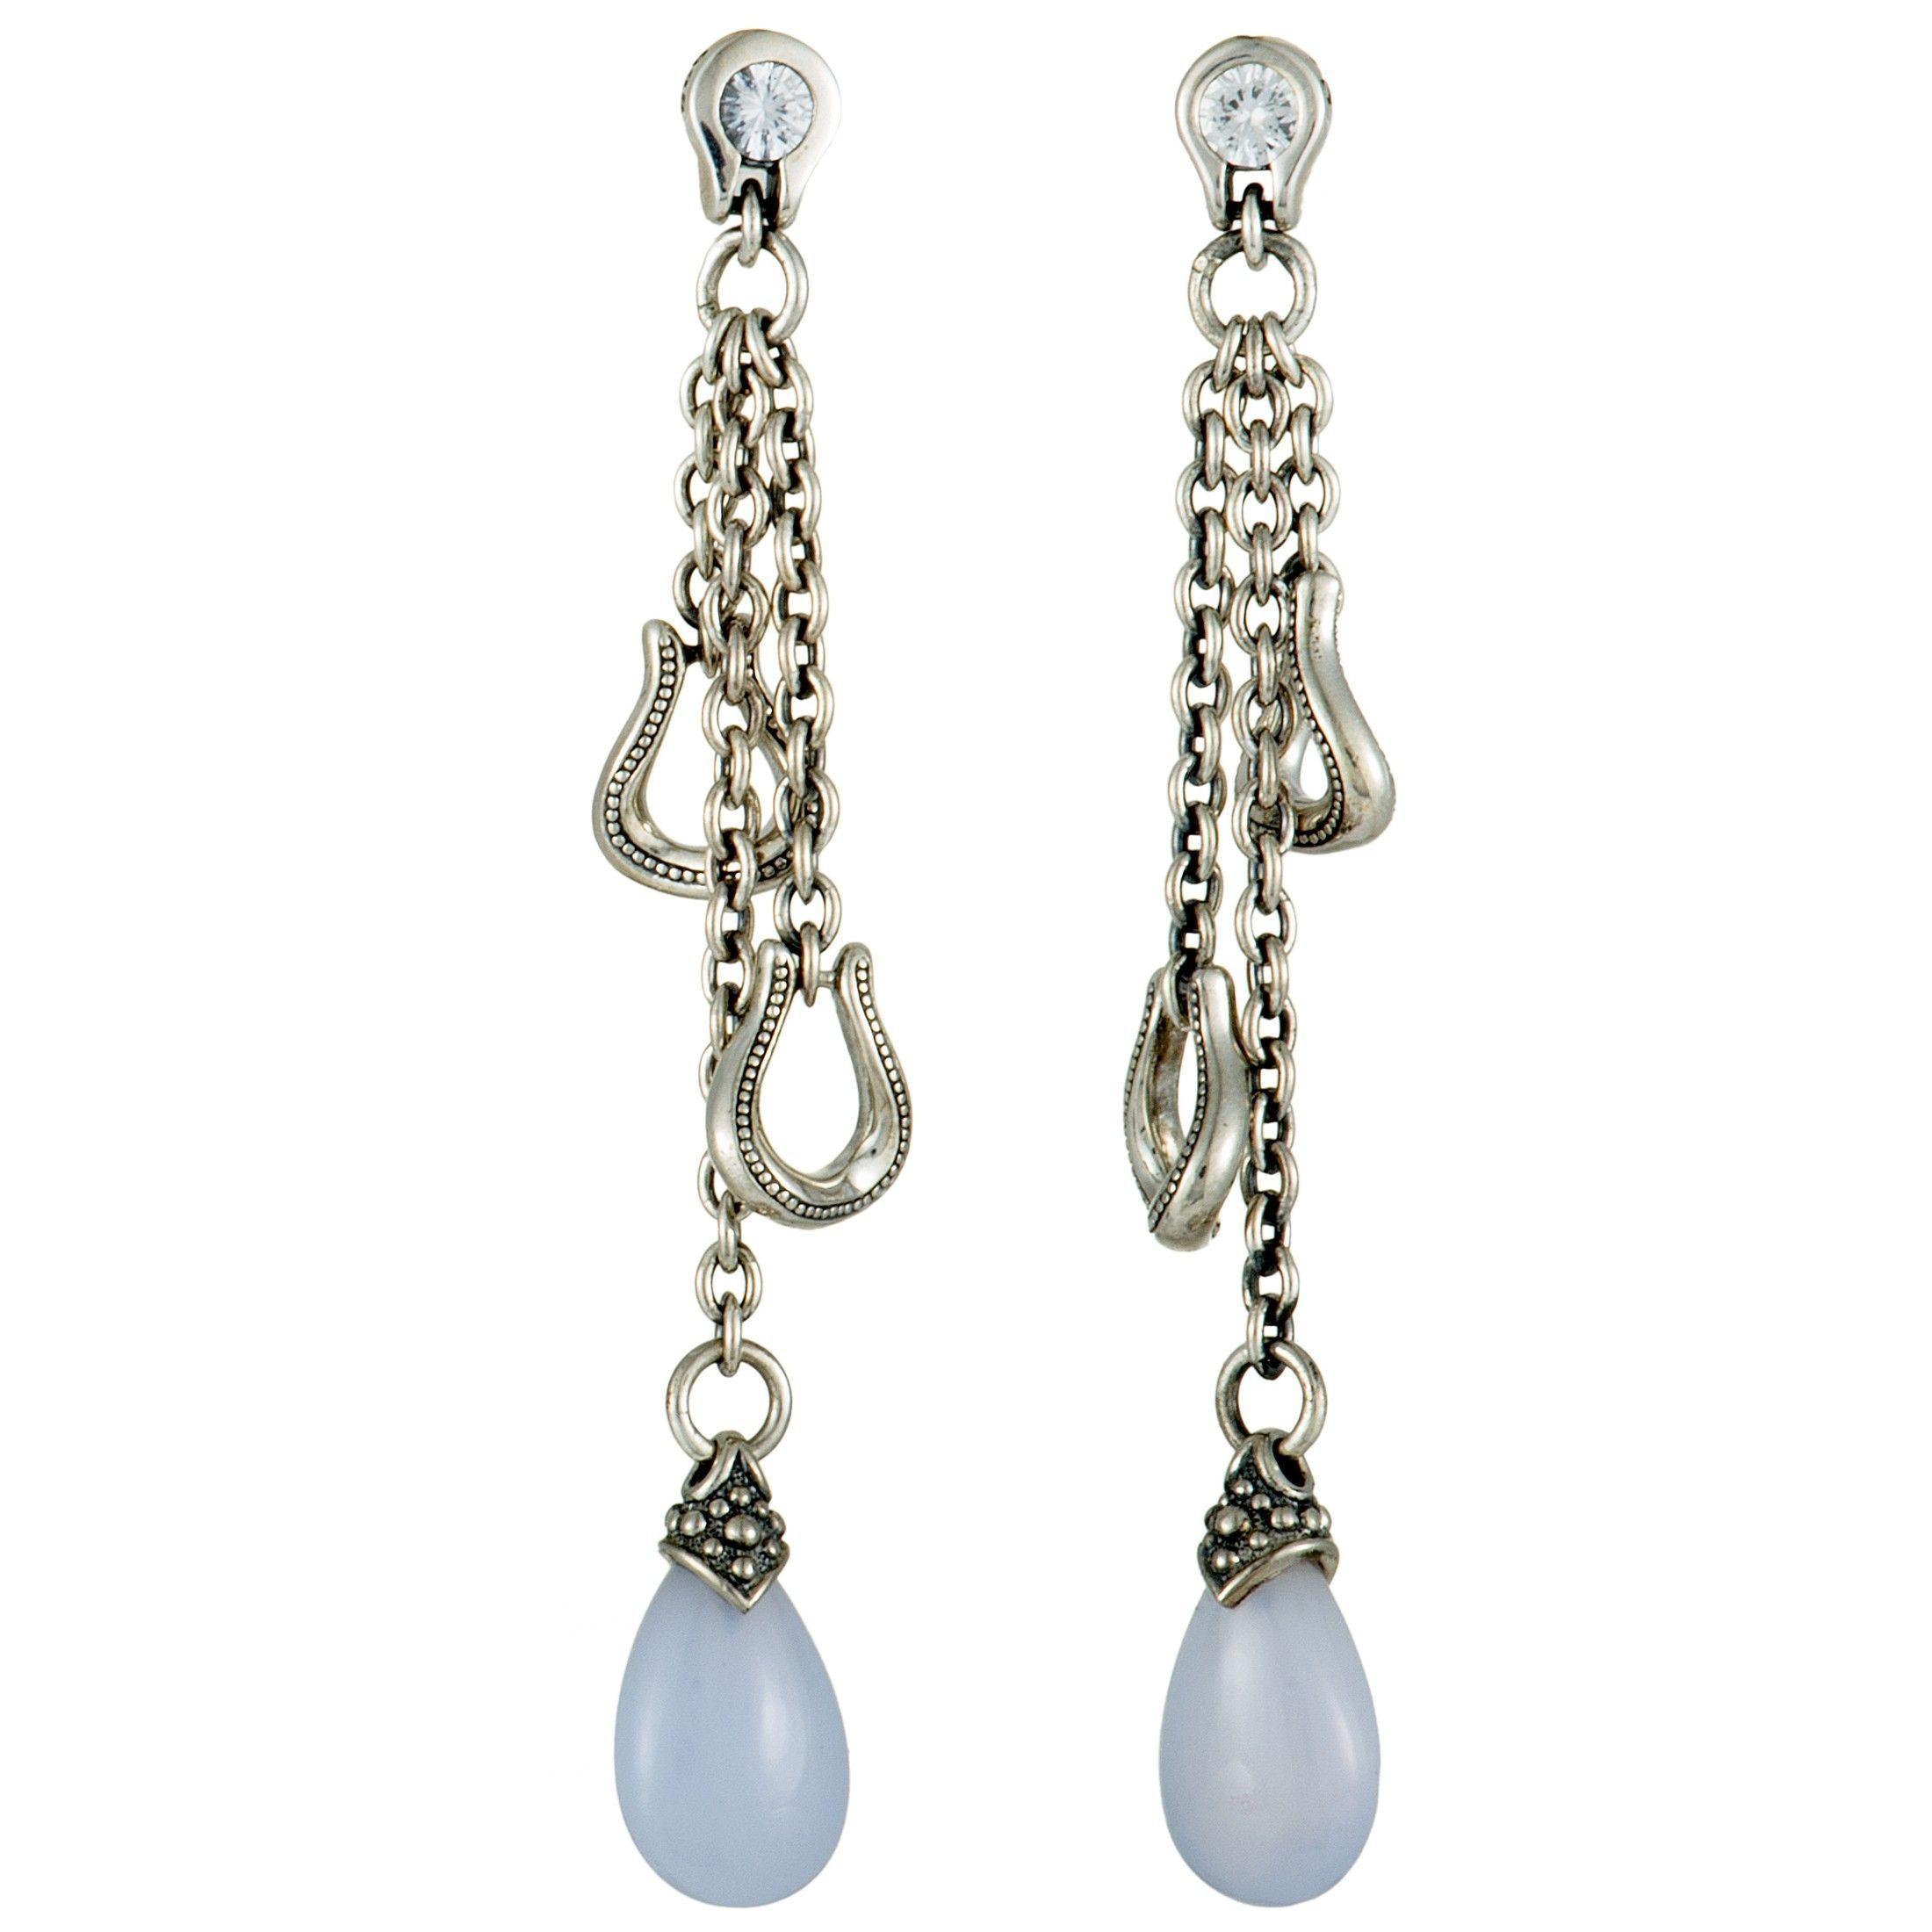 Sterling Silver Ball Cluster Push Back Dangle Earrings